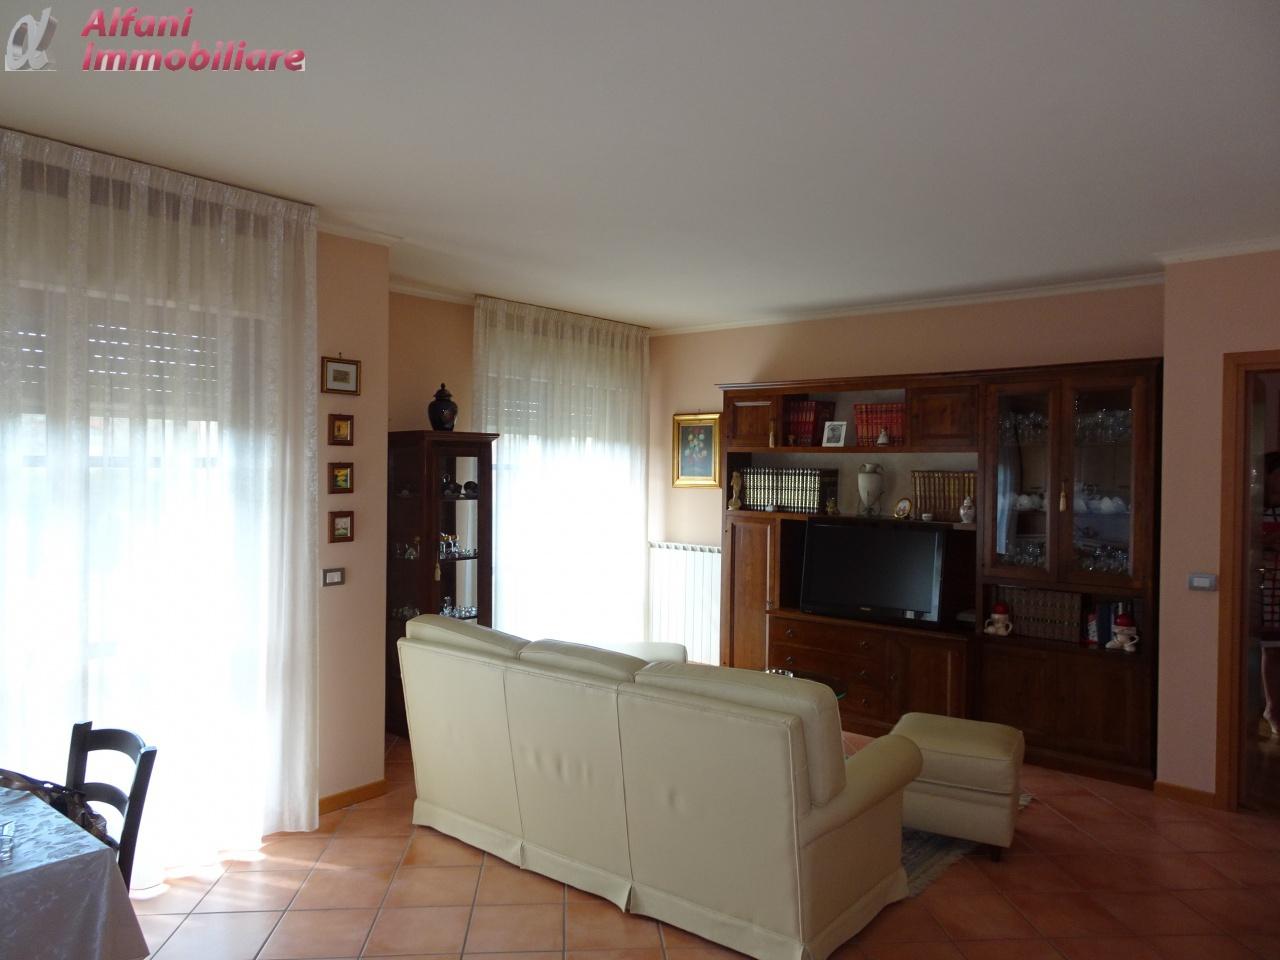 Appartamento in vendita a Bibbiena, 4 locali, prezzo € 145.000 | PortaleAgenzieImmobiliari.it